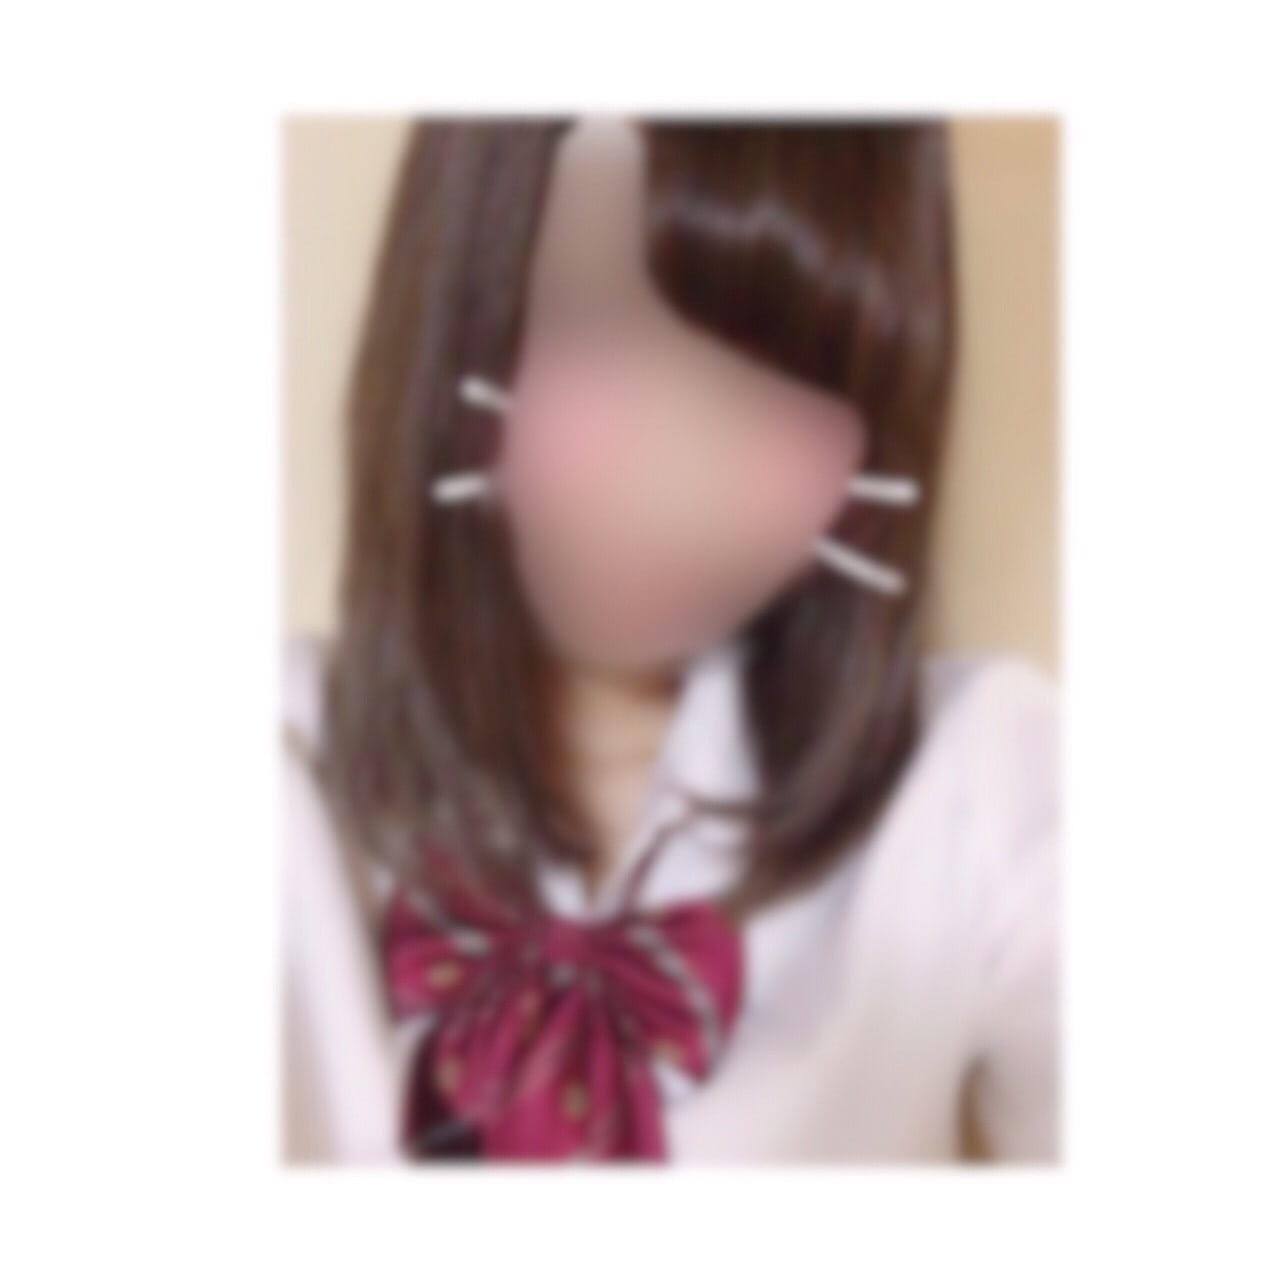 「通常コスプレ」04/15(04/15) 01:03 | みおんの写メ・風俗動画